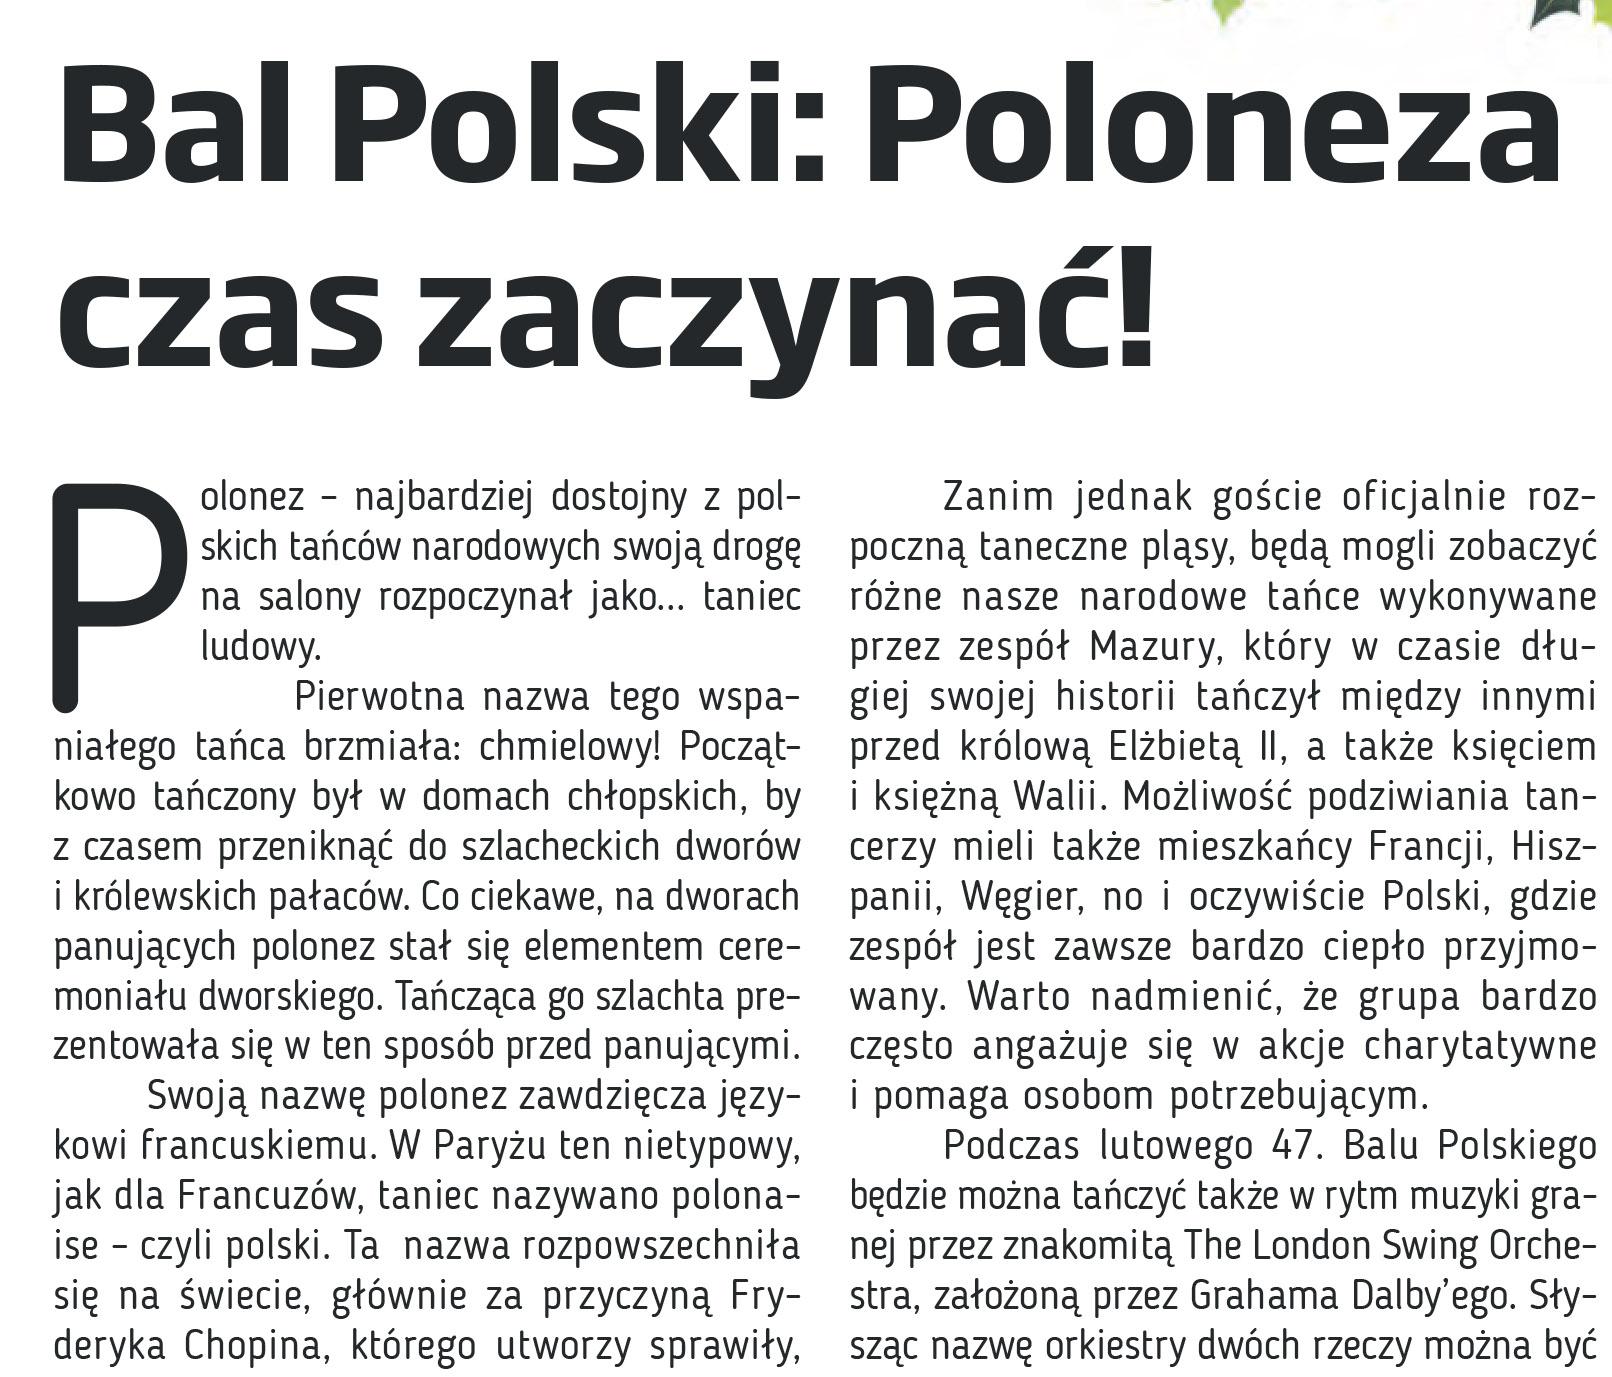 Bal Polski w Coolturze: Poloneza czas zaczynac!